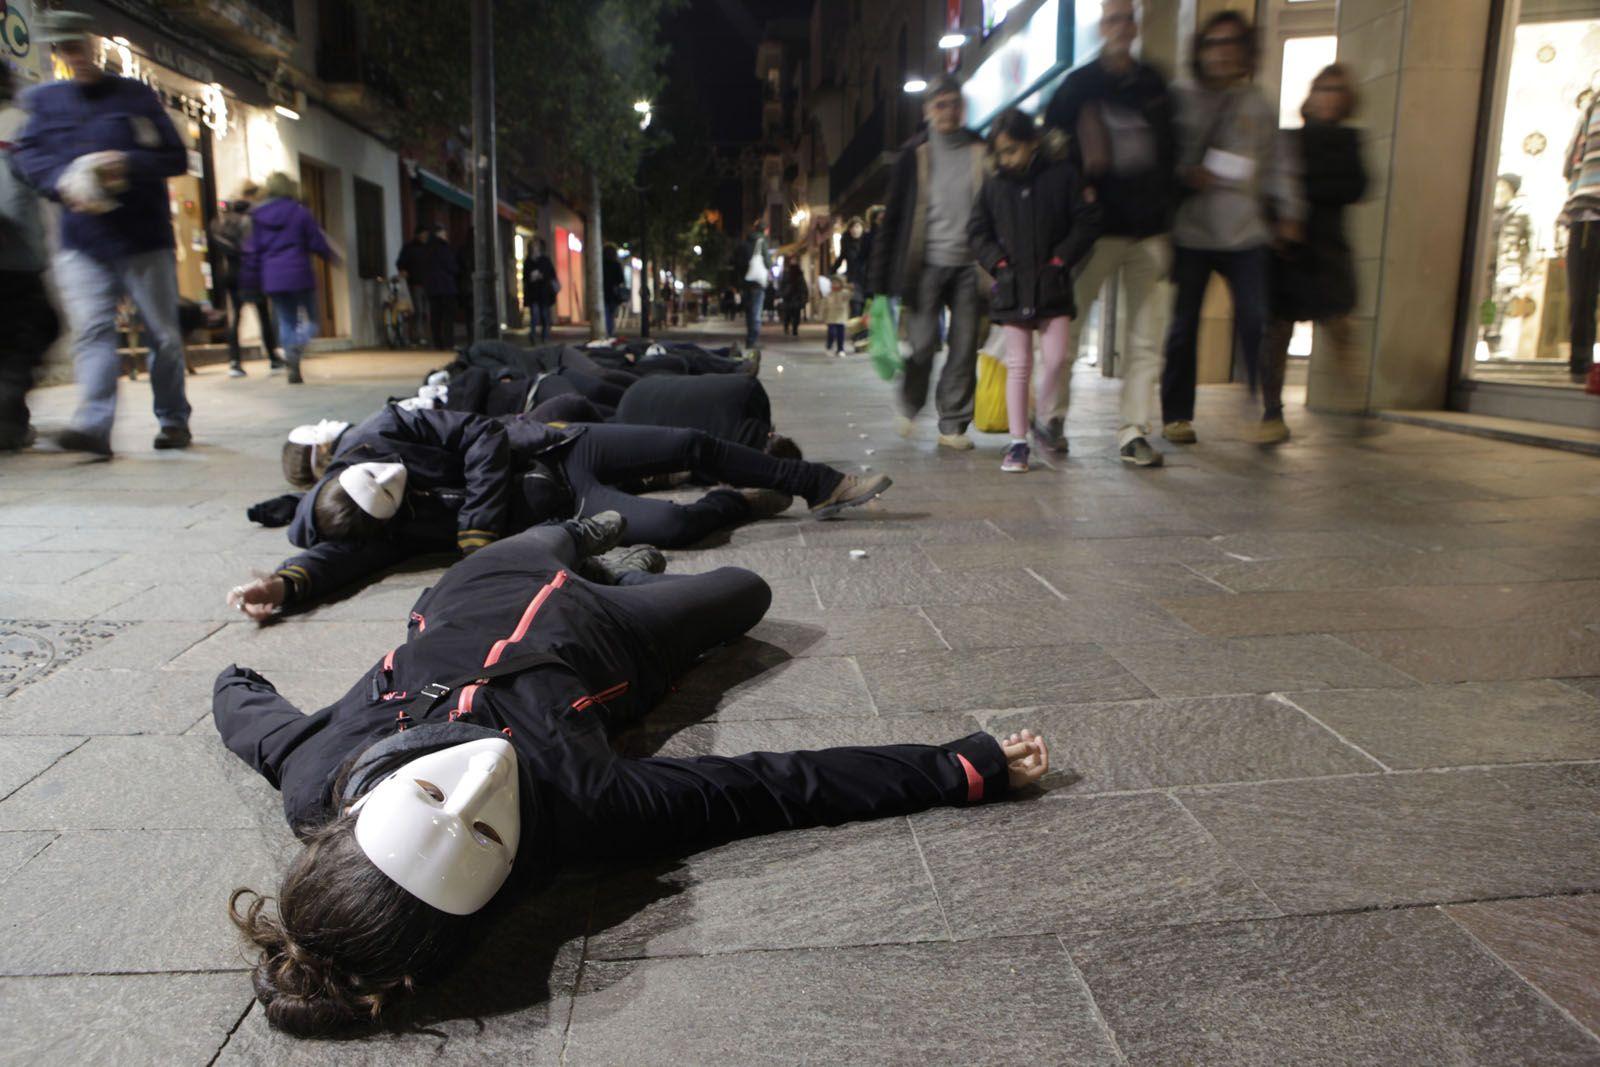 La 'performance' l'han feta al carrer de Santiago Rusiñol FOTO: Artur Ribera